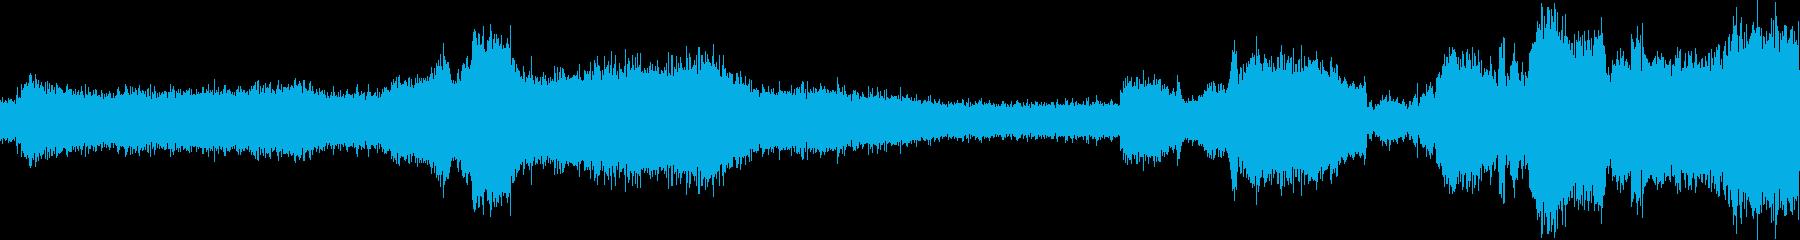 コンプレッサーの軽い動きの再生済みの波形